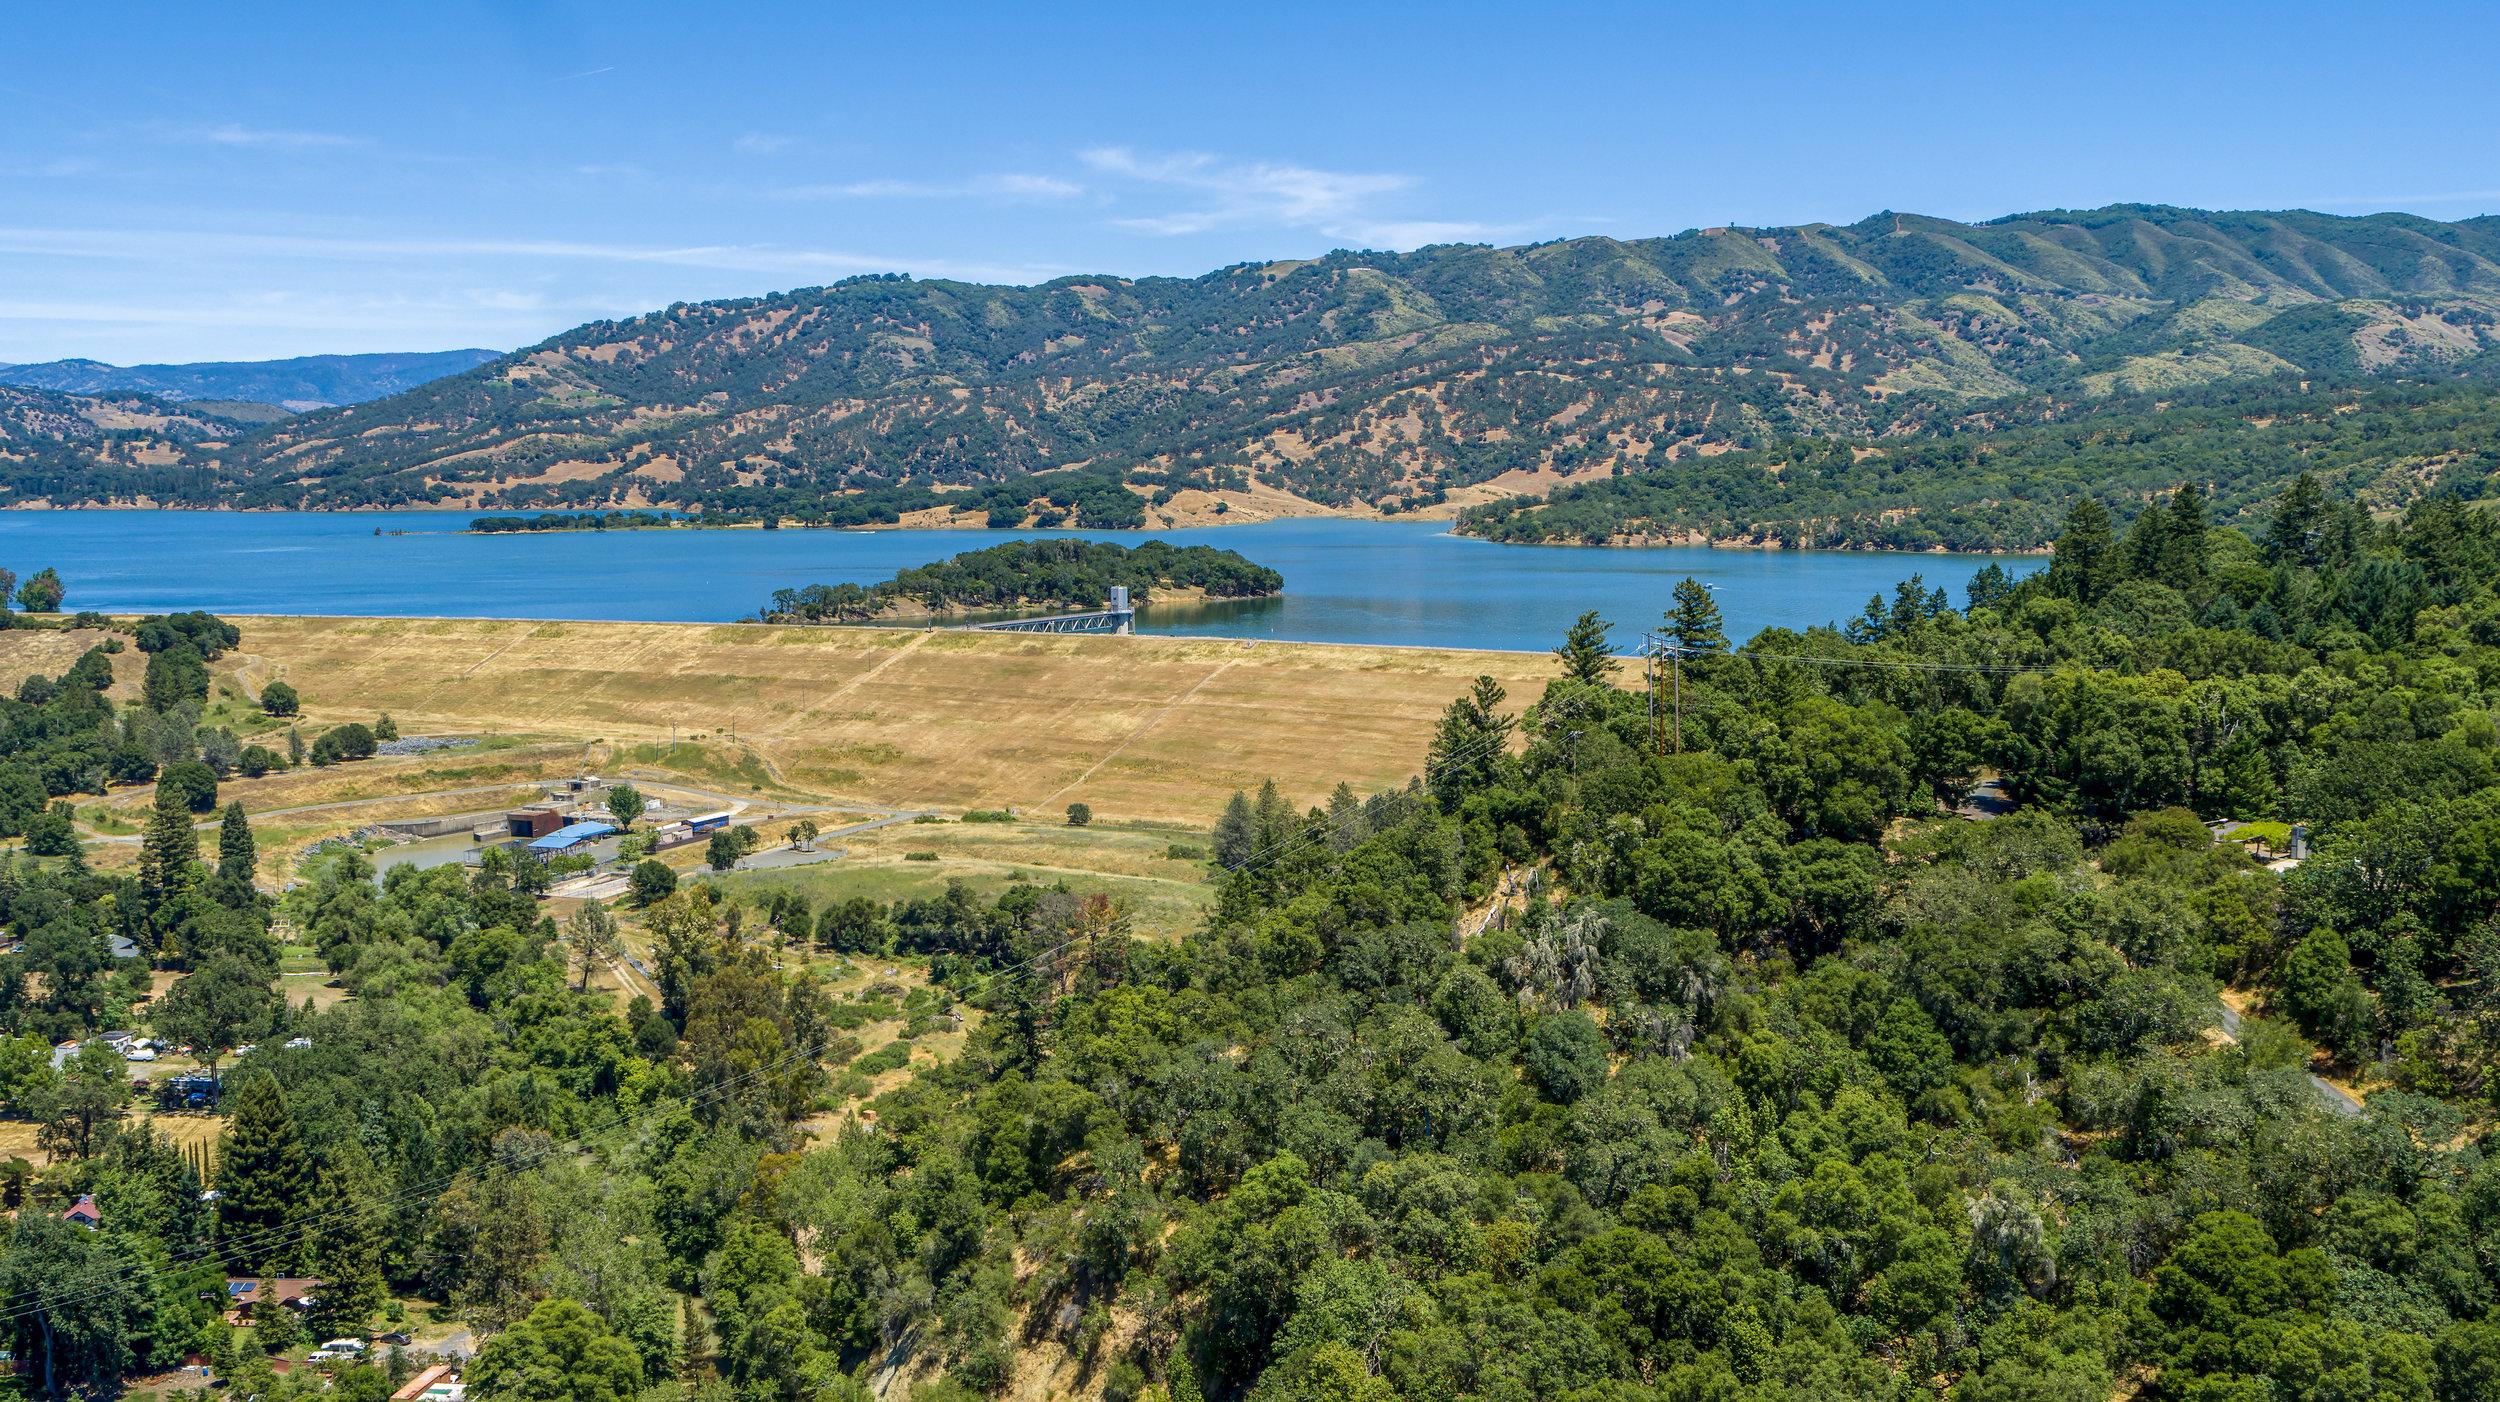 Lake Mendocino June 8 2019 Drone Neighborhood--2.jpg